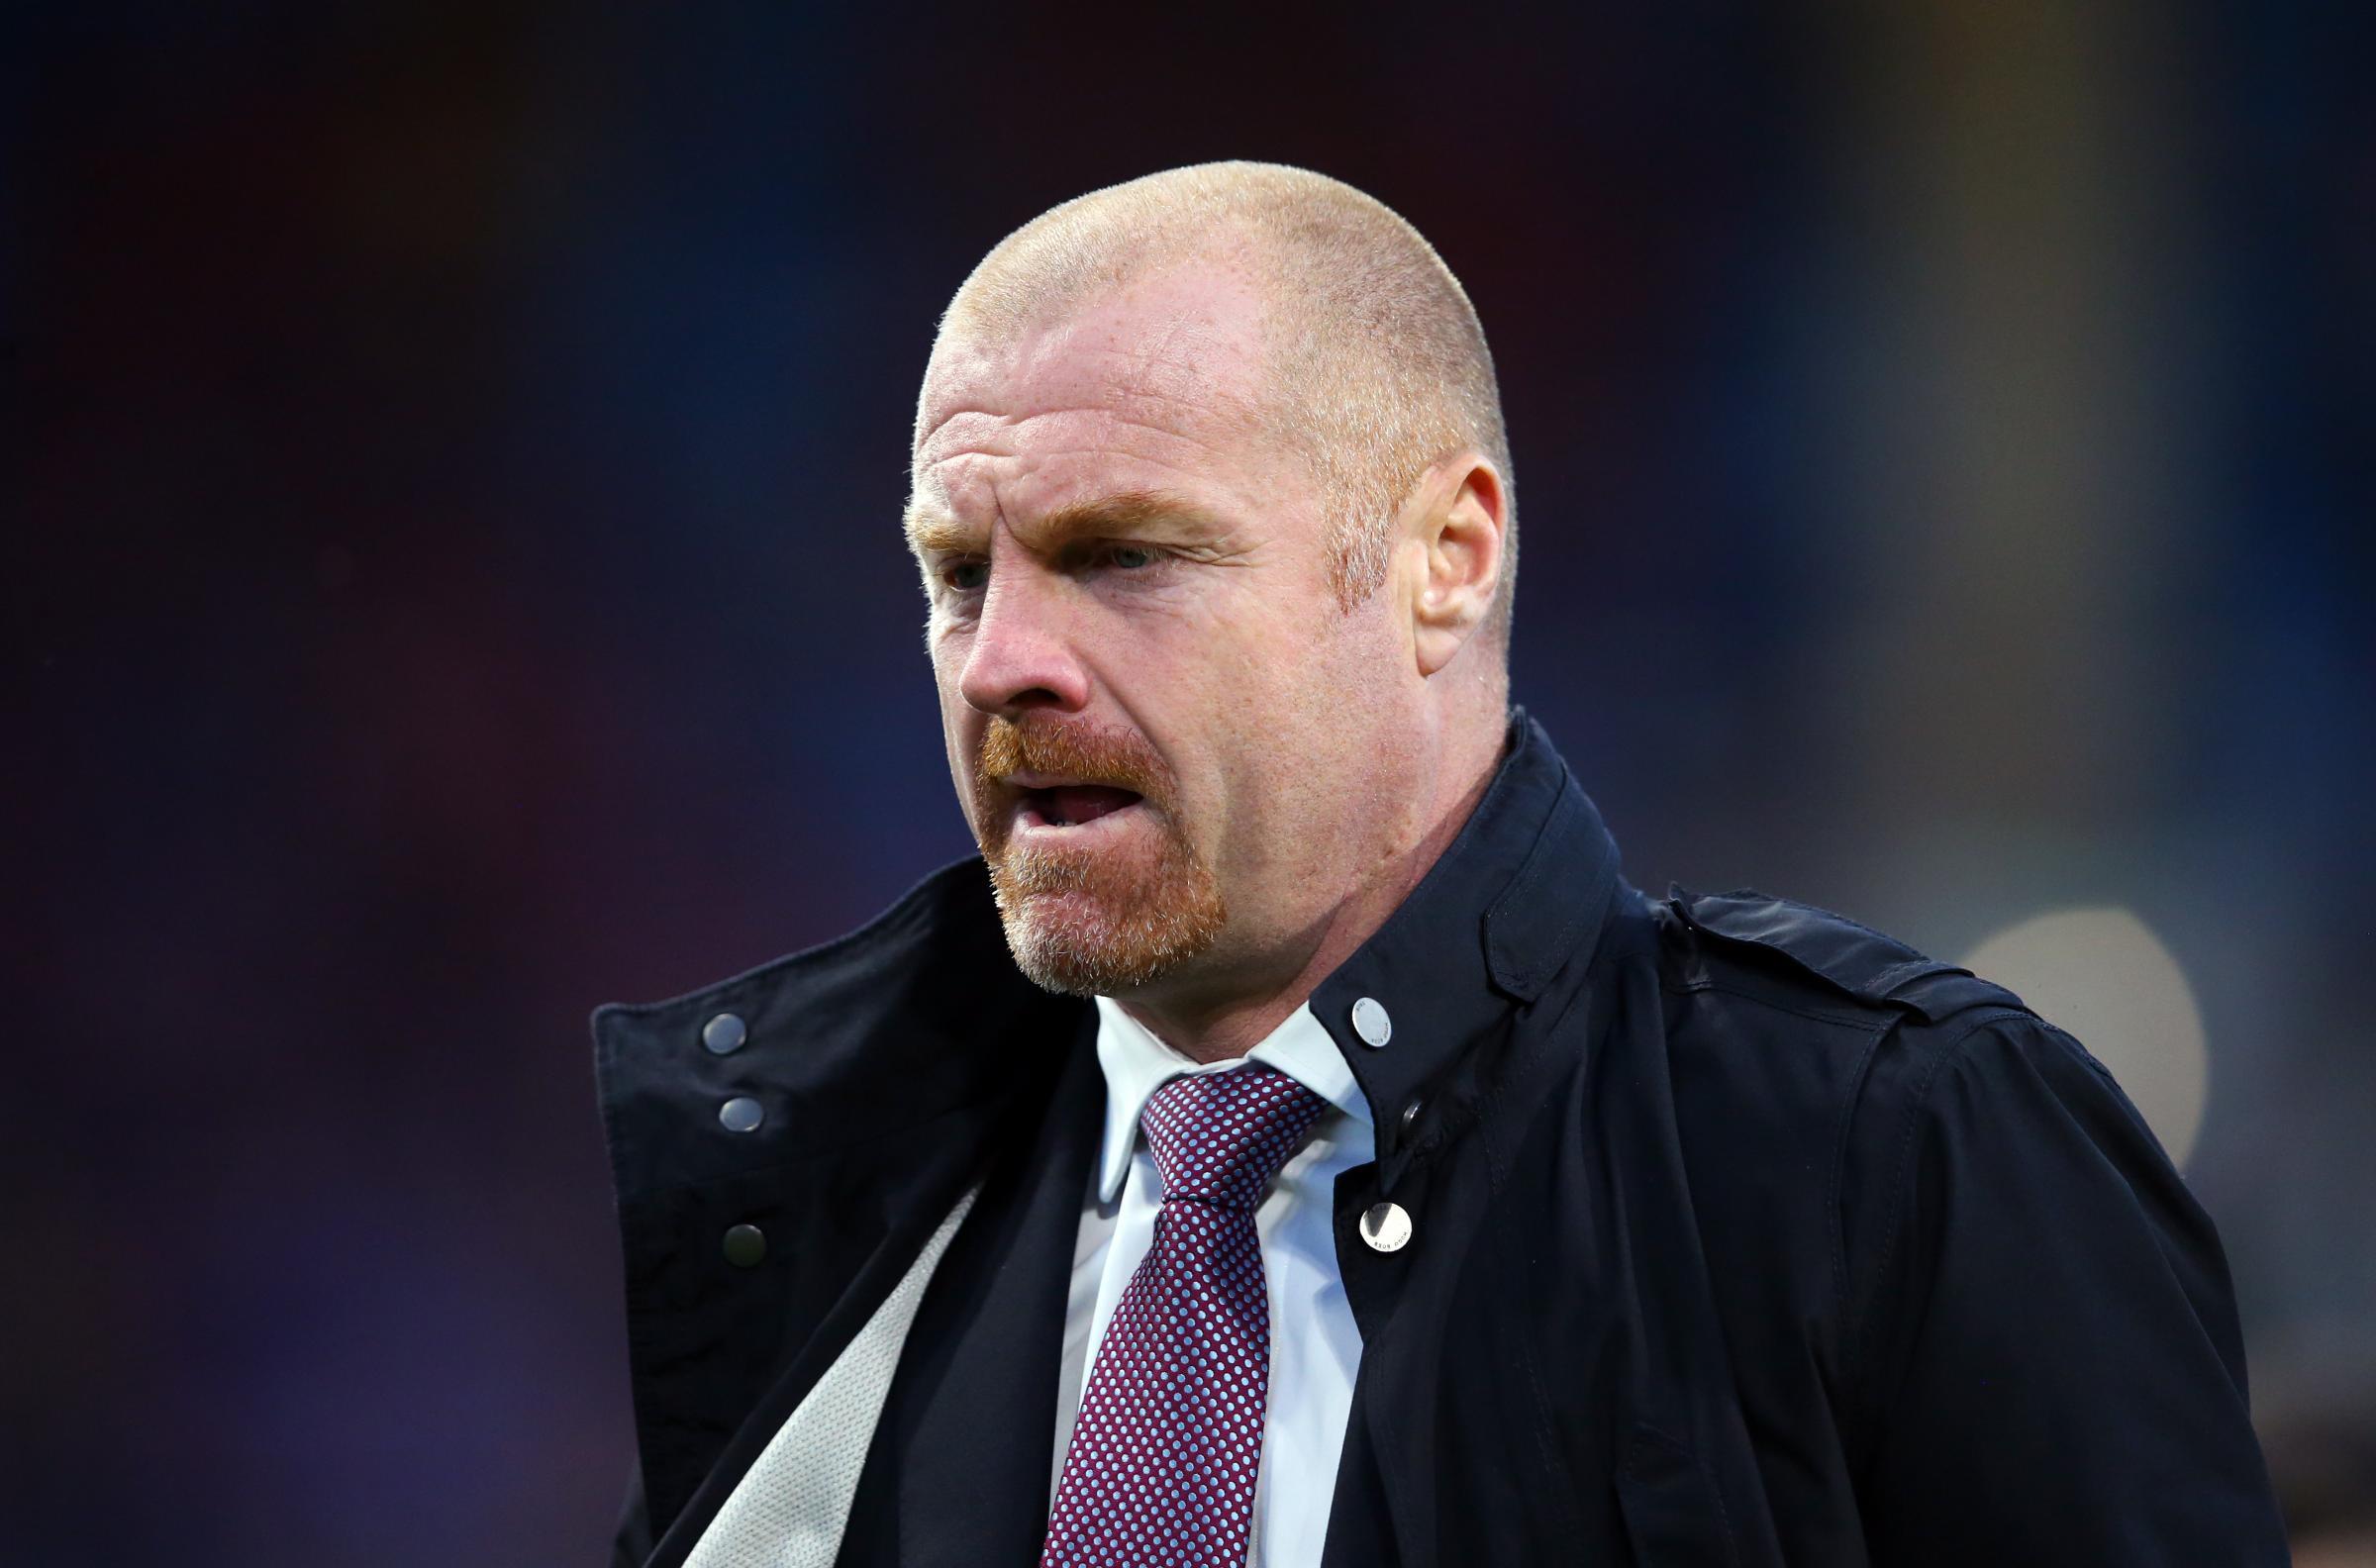 Sean Dyche mengecilkan perjuangan Burnley di kandang menjelang pertandingan melawan Norwich City